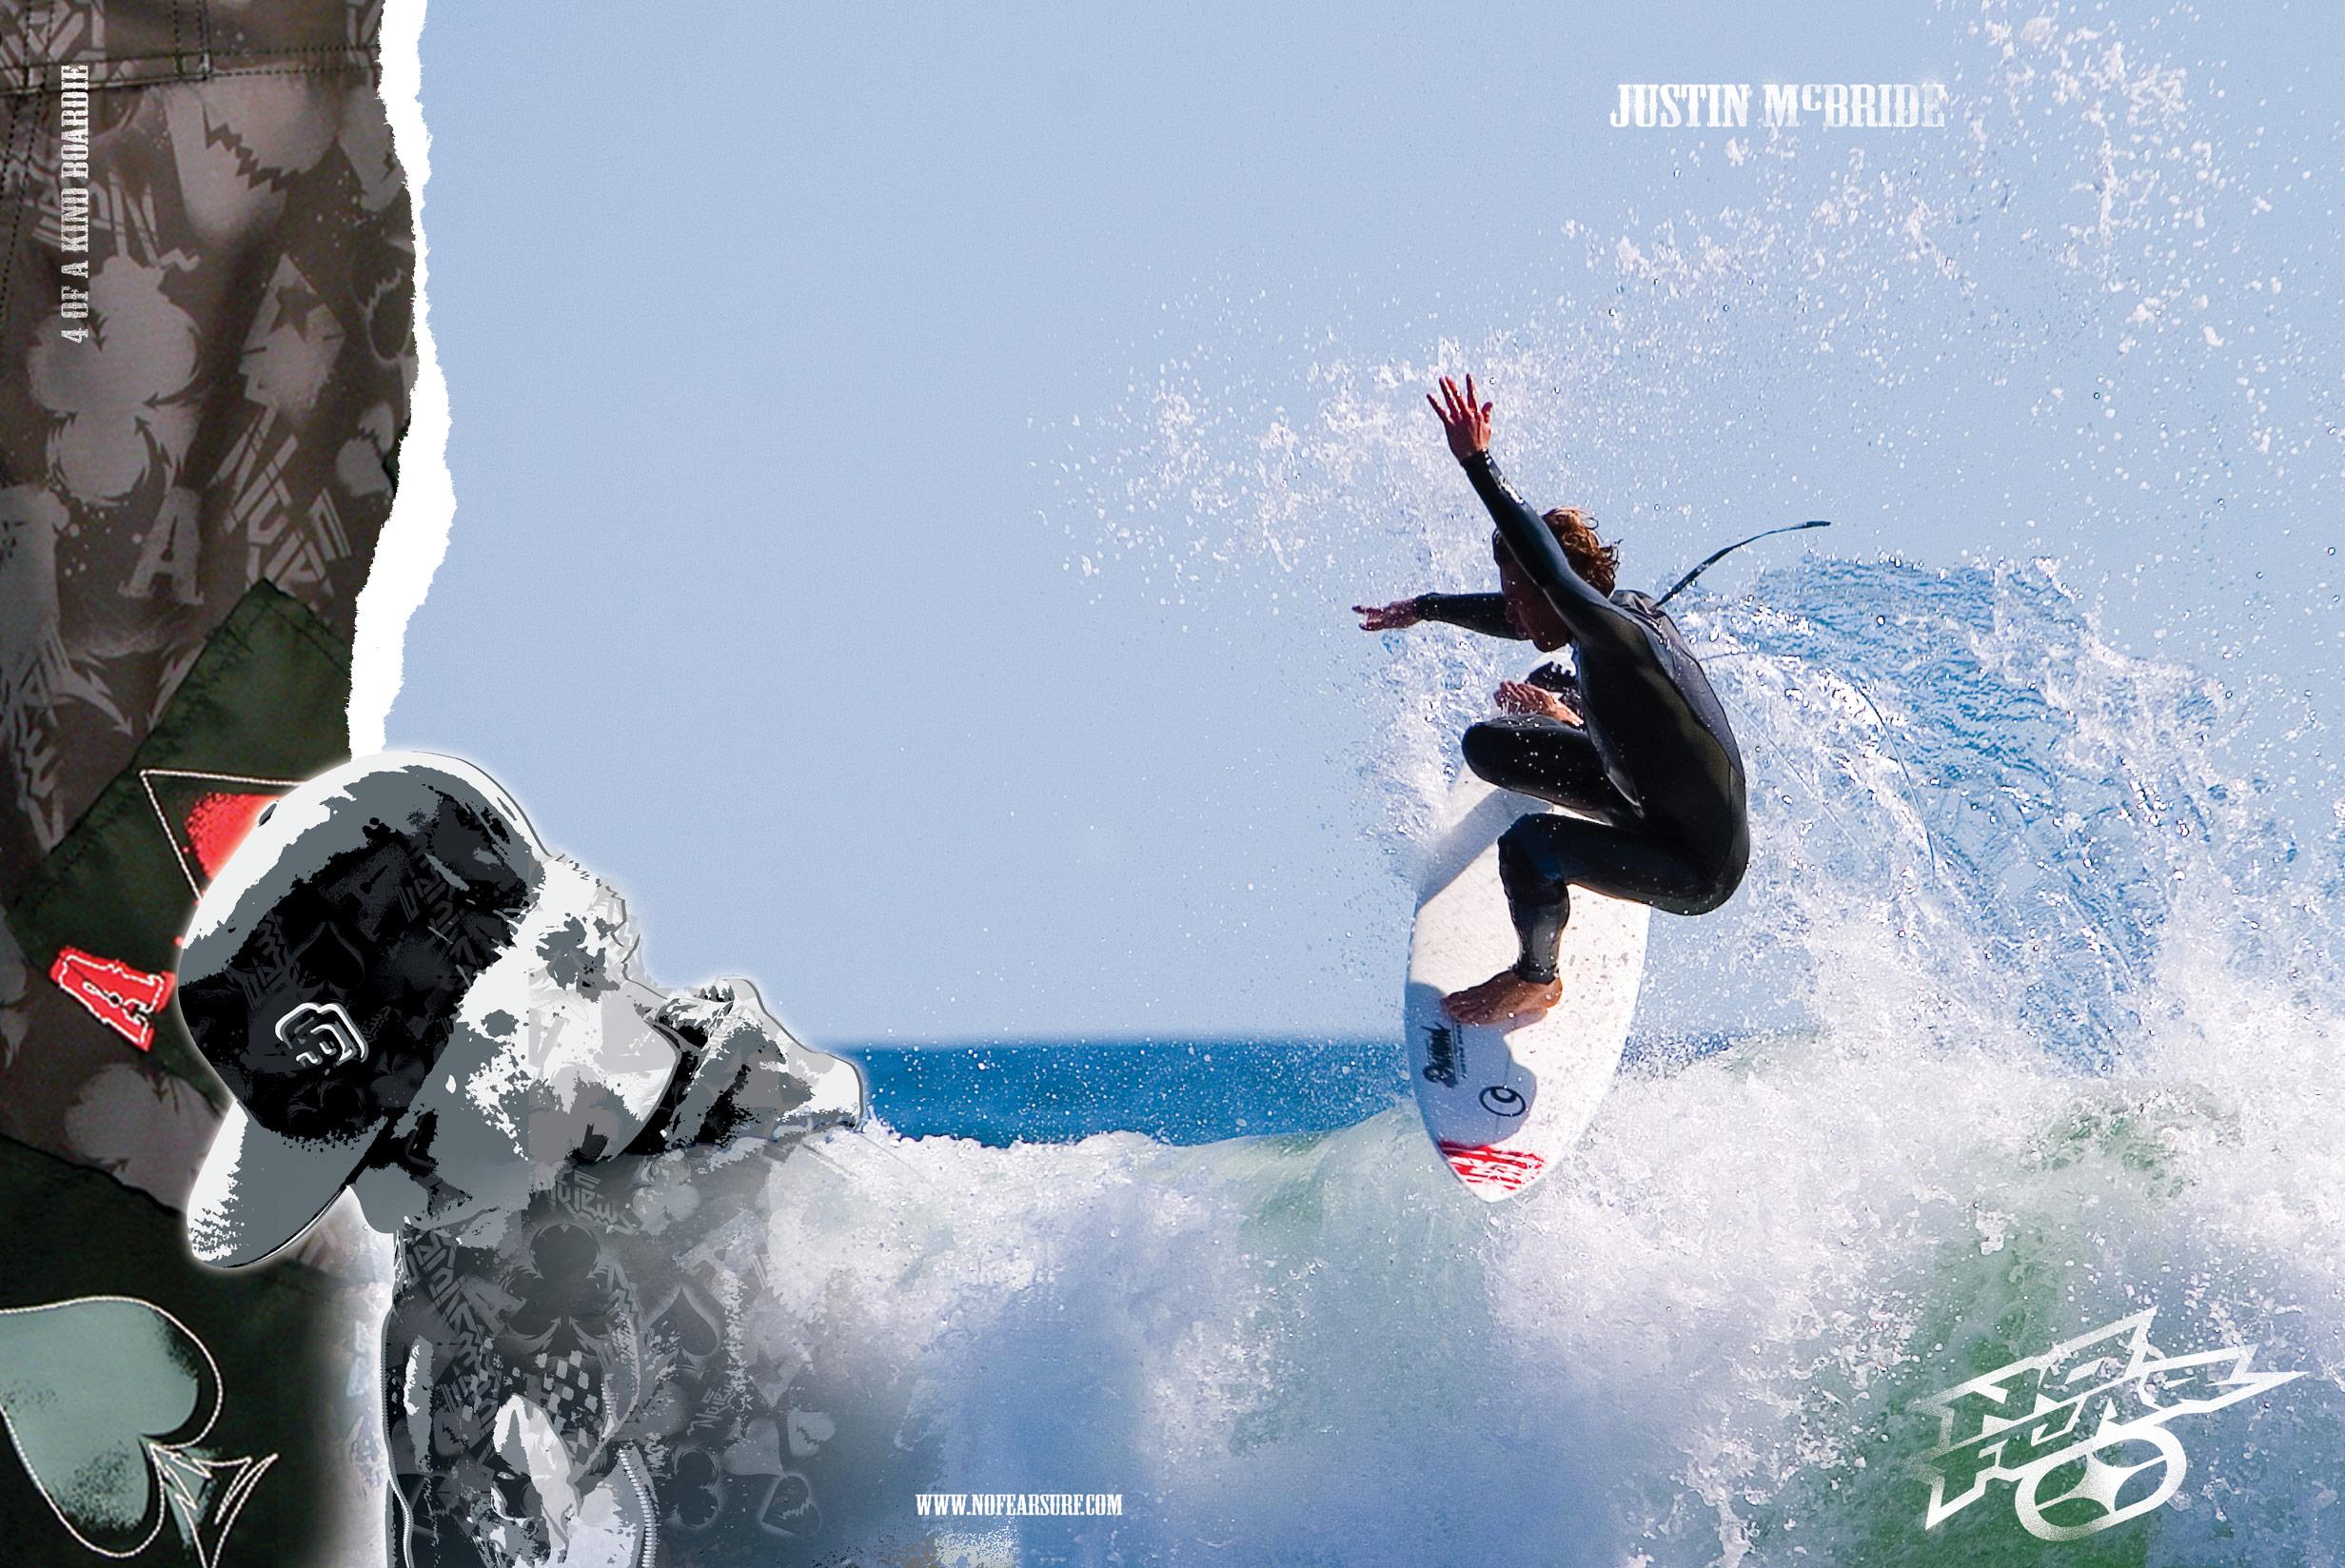 McBride No Fear Wallpapers Justin McBride No Fear HD Wallpapers 2464x1648